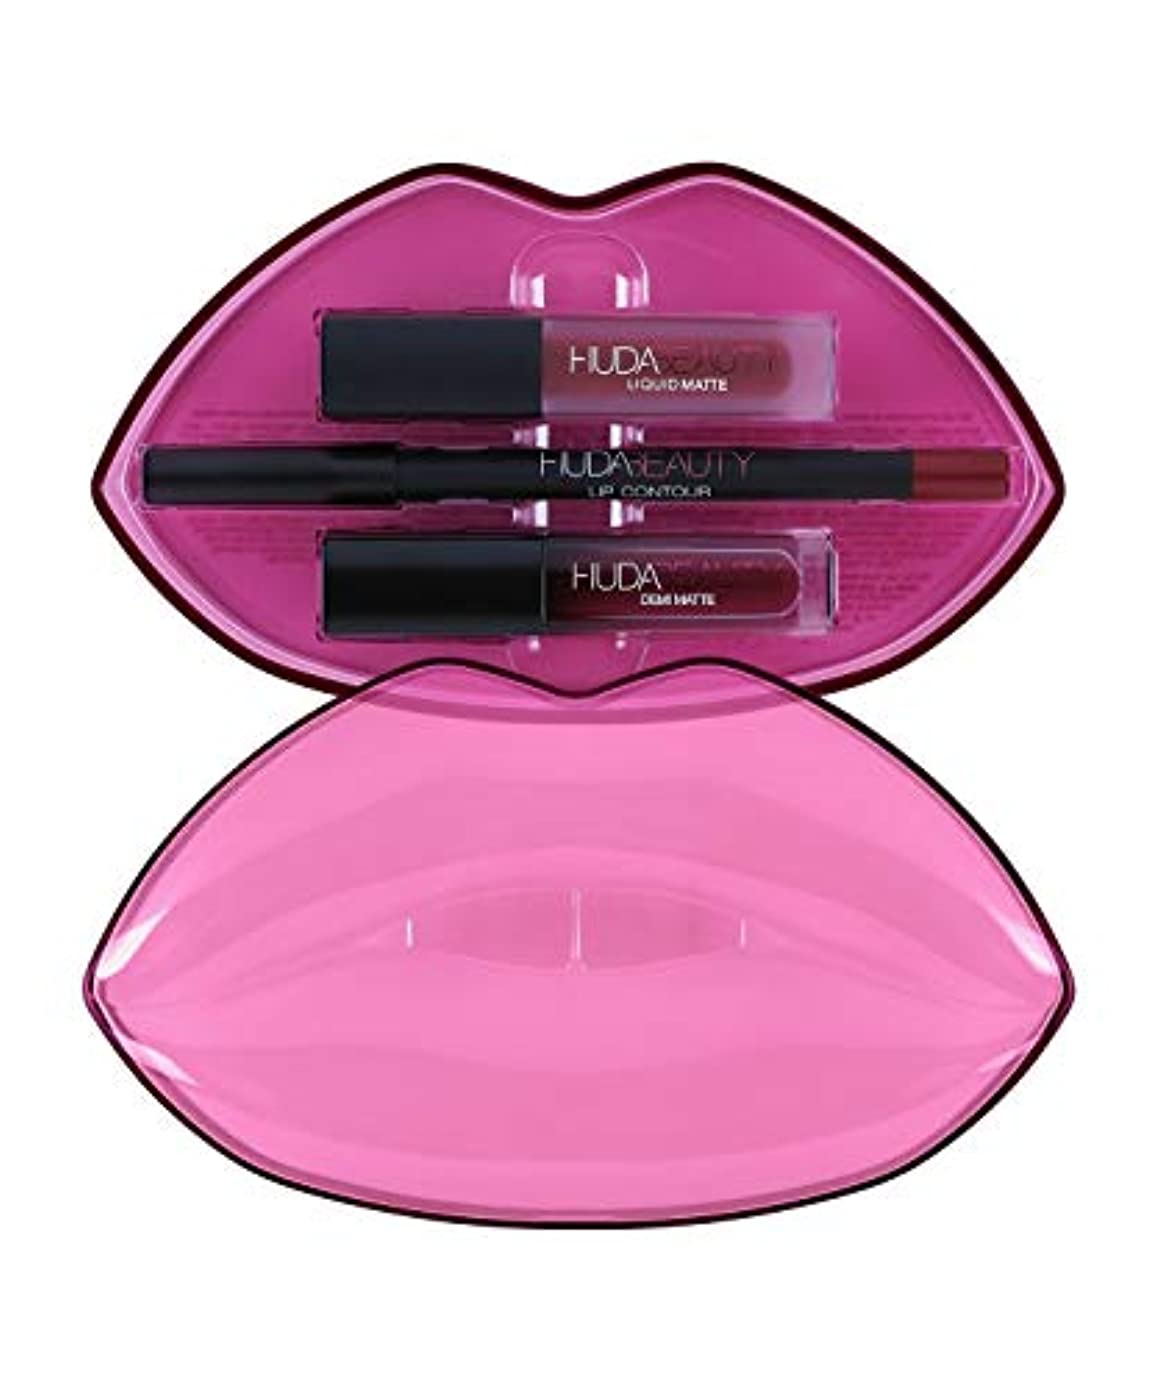 巧みな階下媒染剤HUDABEAUTY フーダビューティ リップ Demi Matte & Cream Lip Set Bawse & Famous